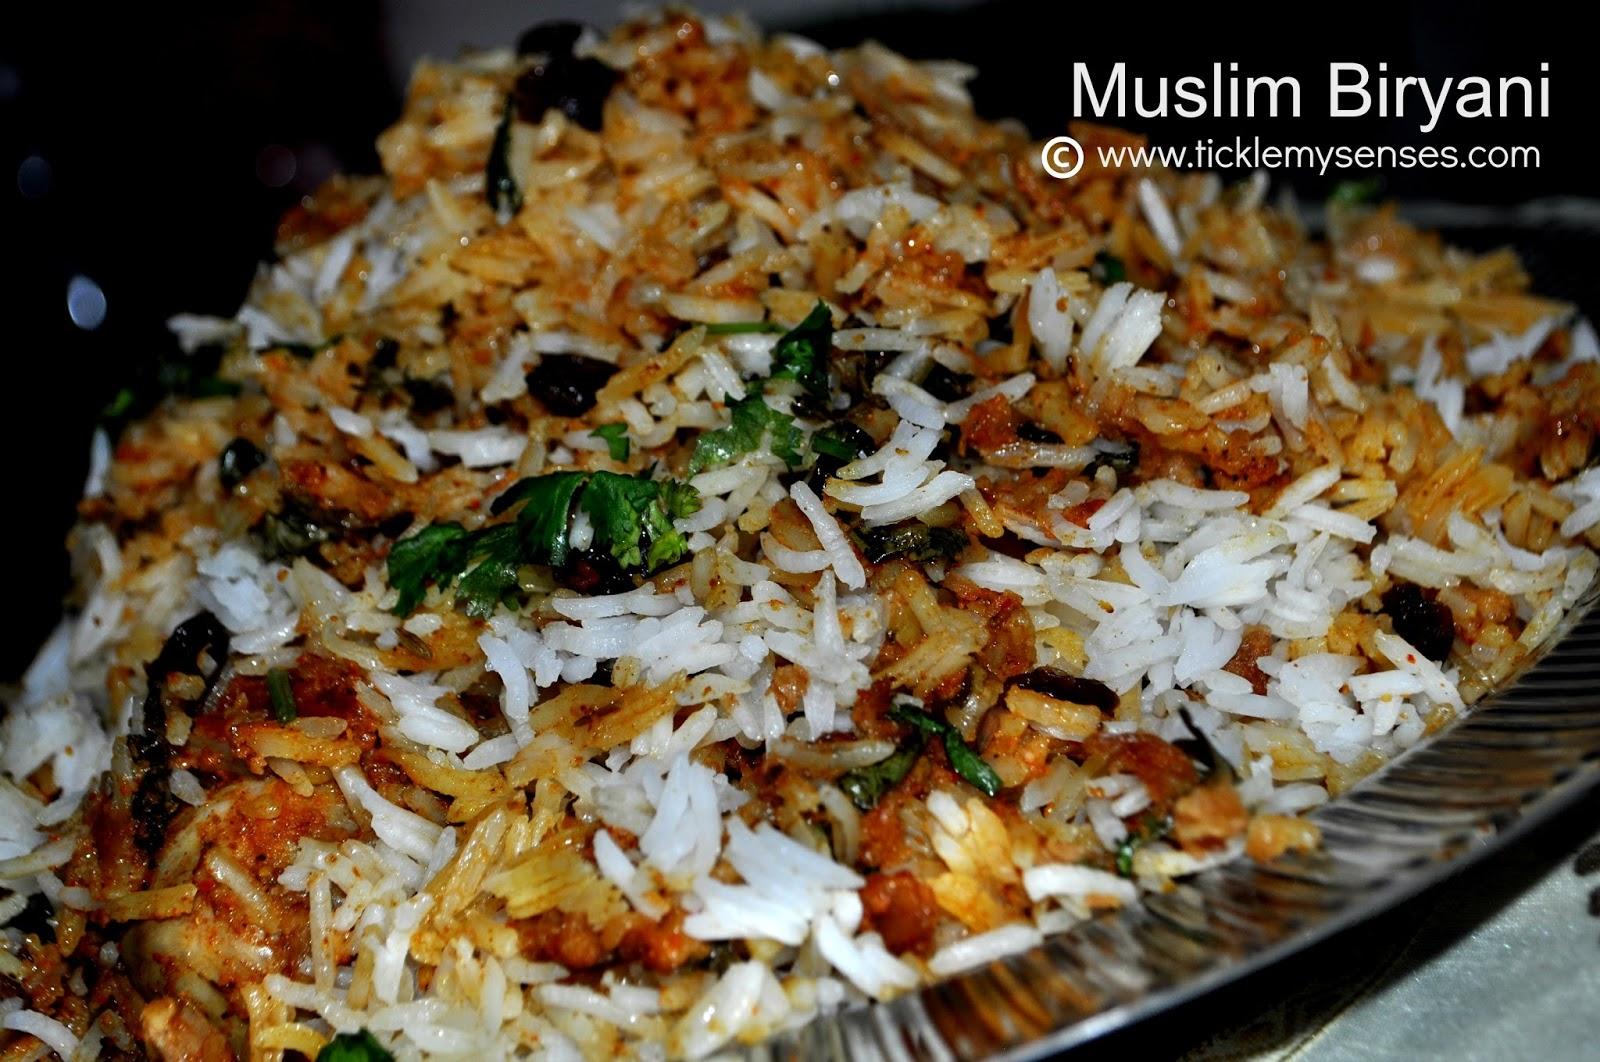 Chicken biryani muslim style - photo#52